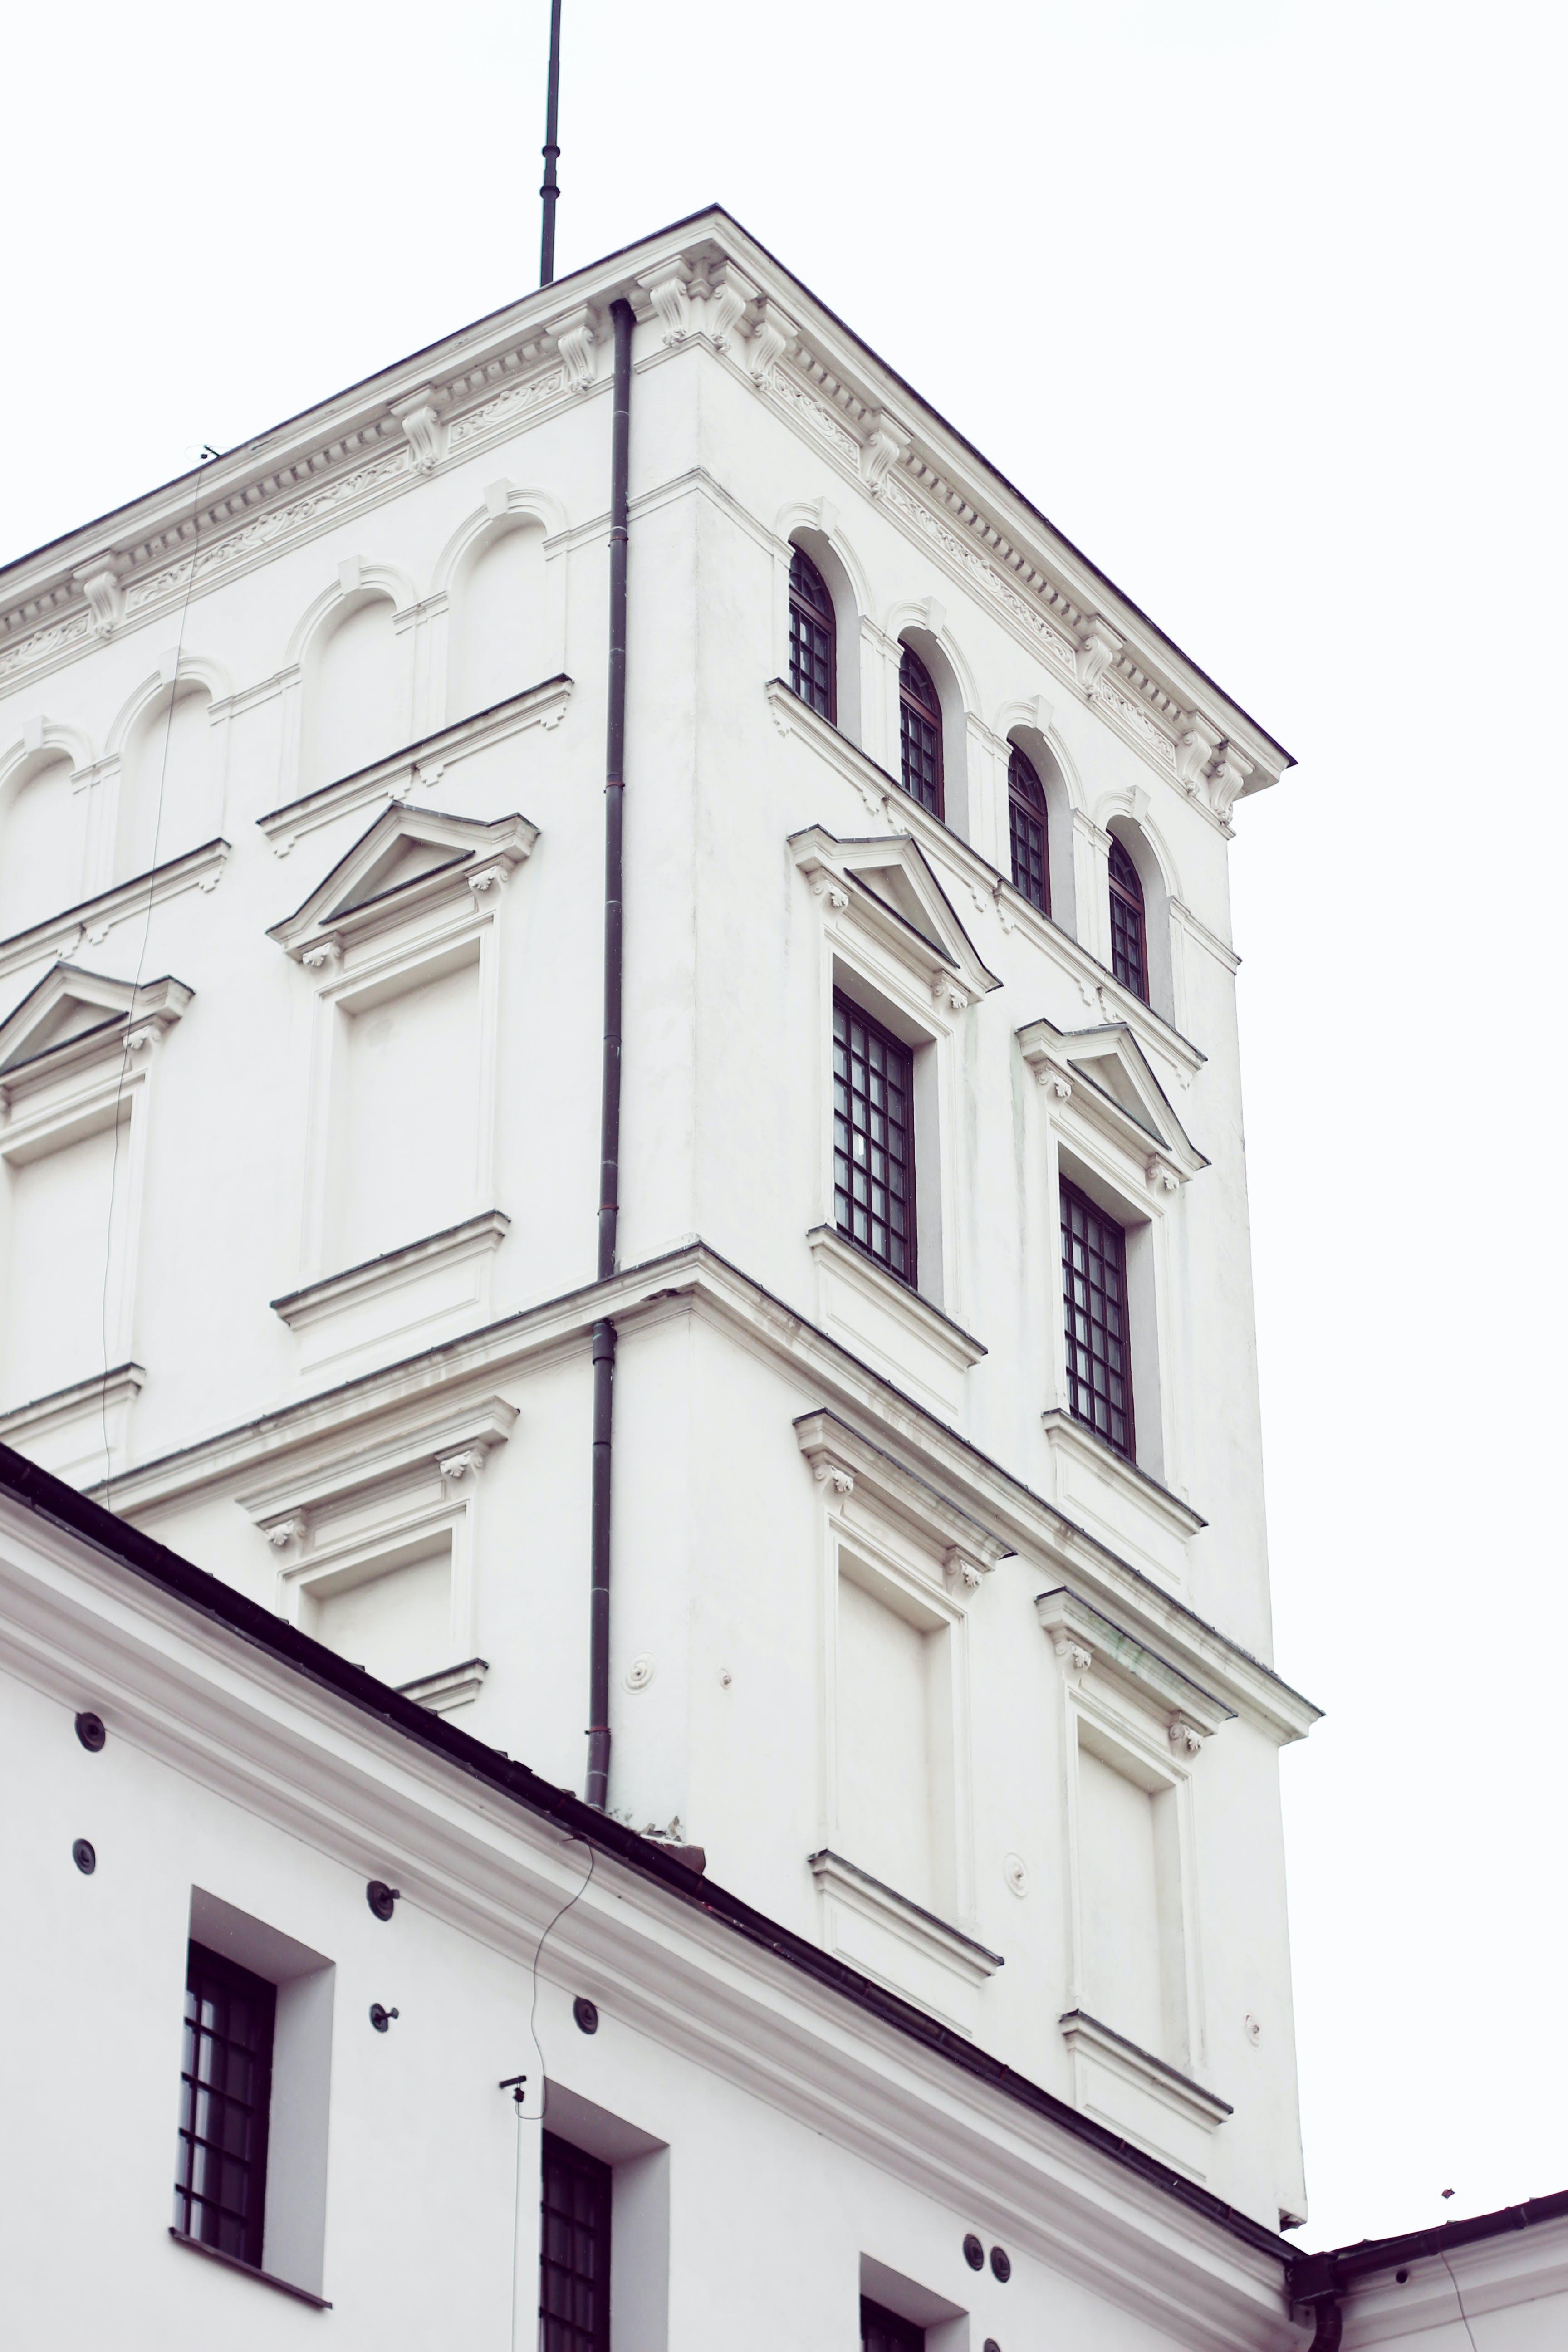 aparência, arquitetura, branco